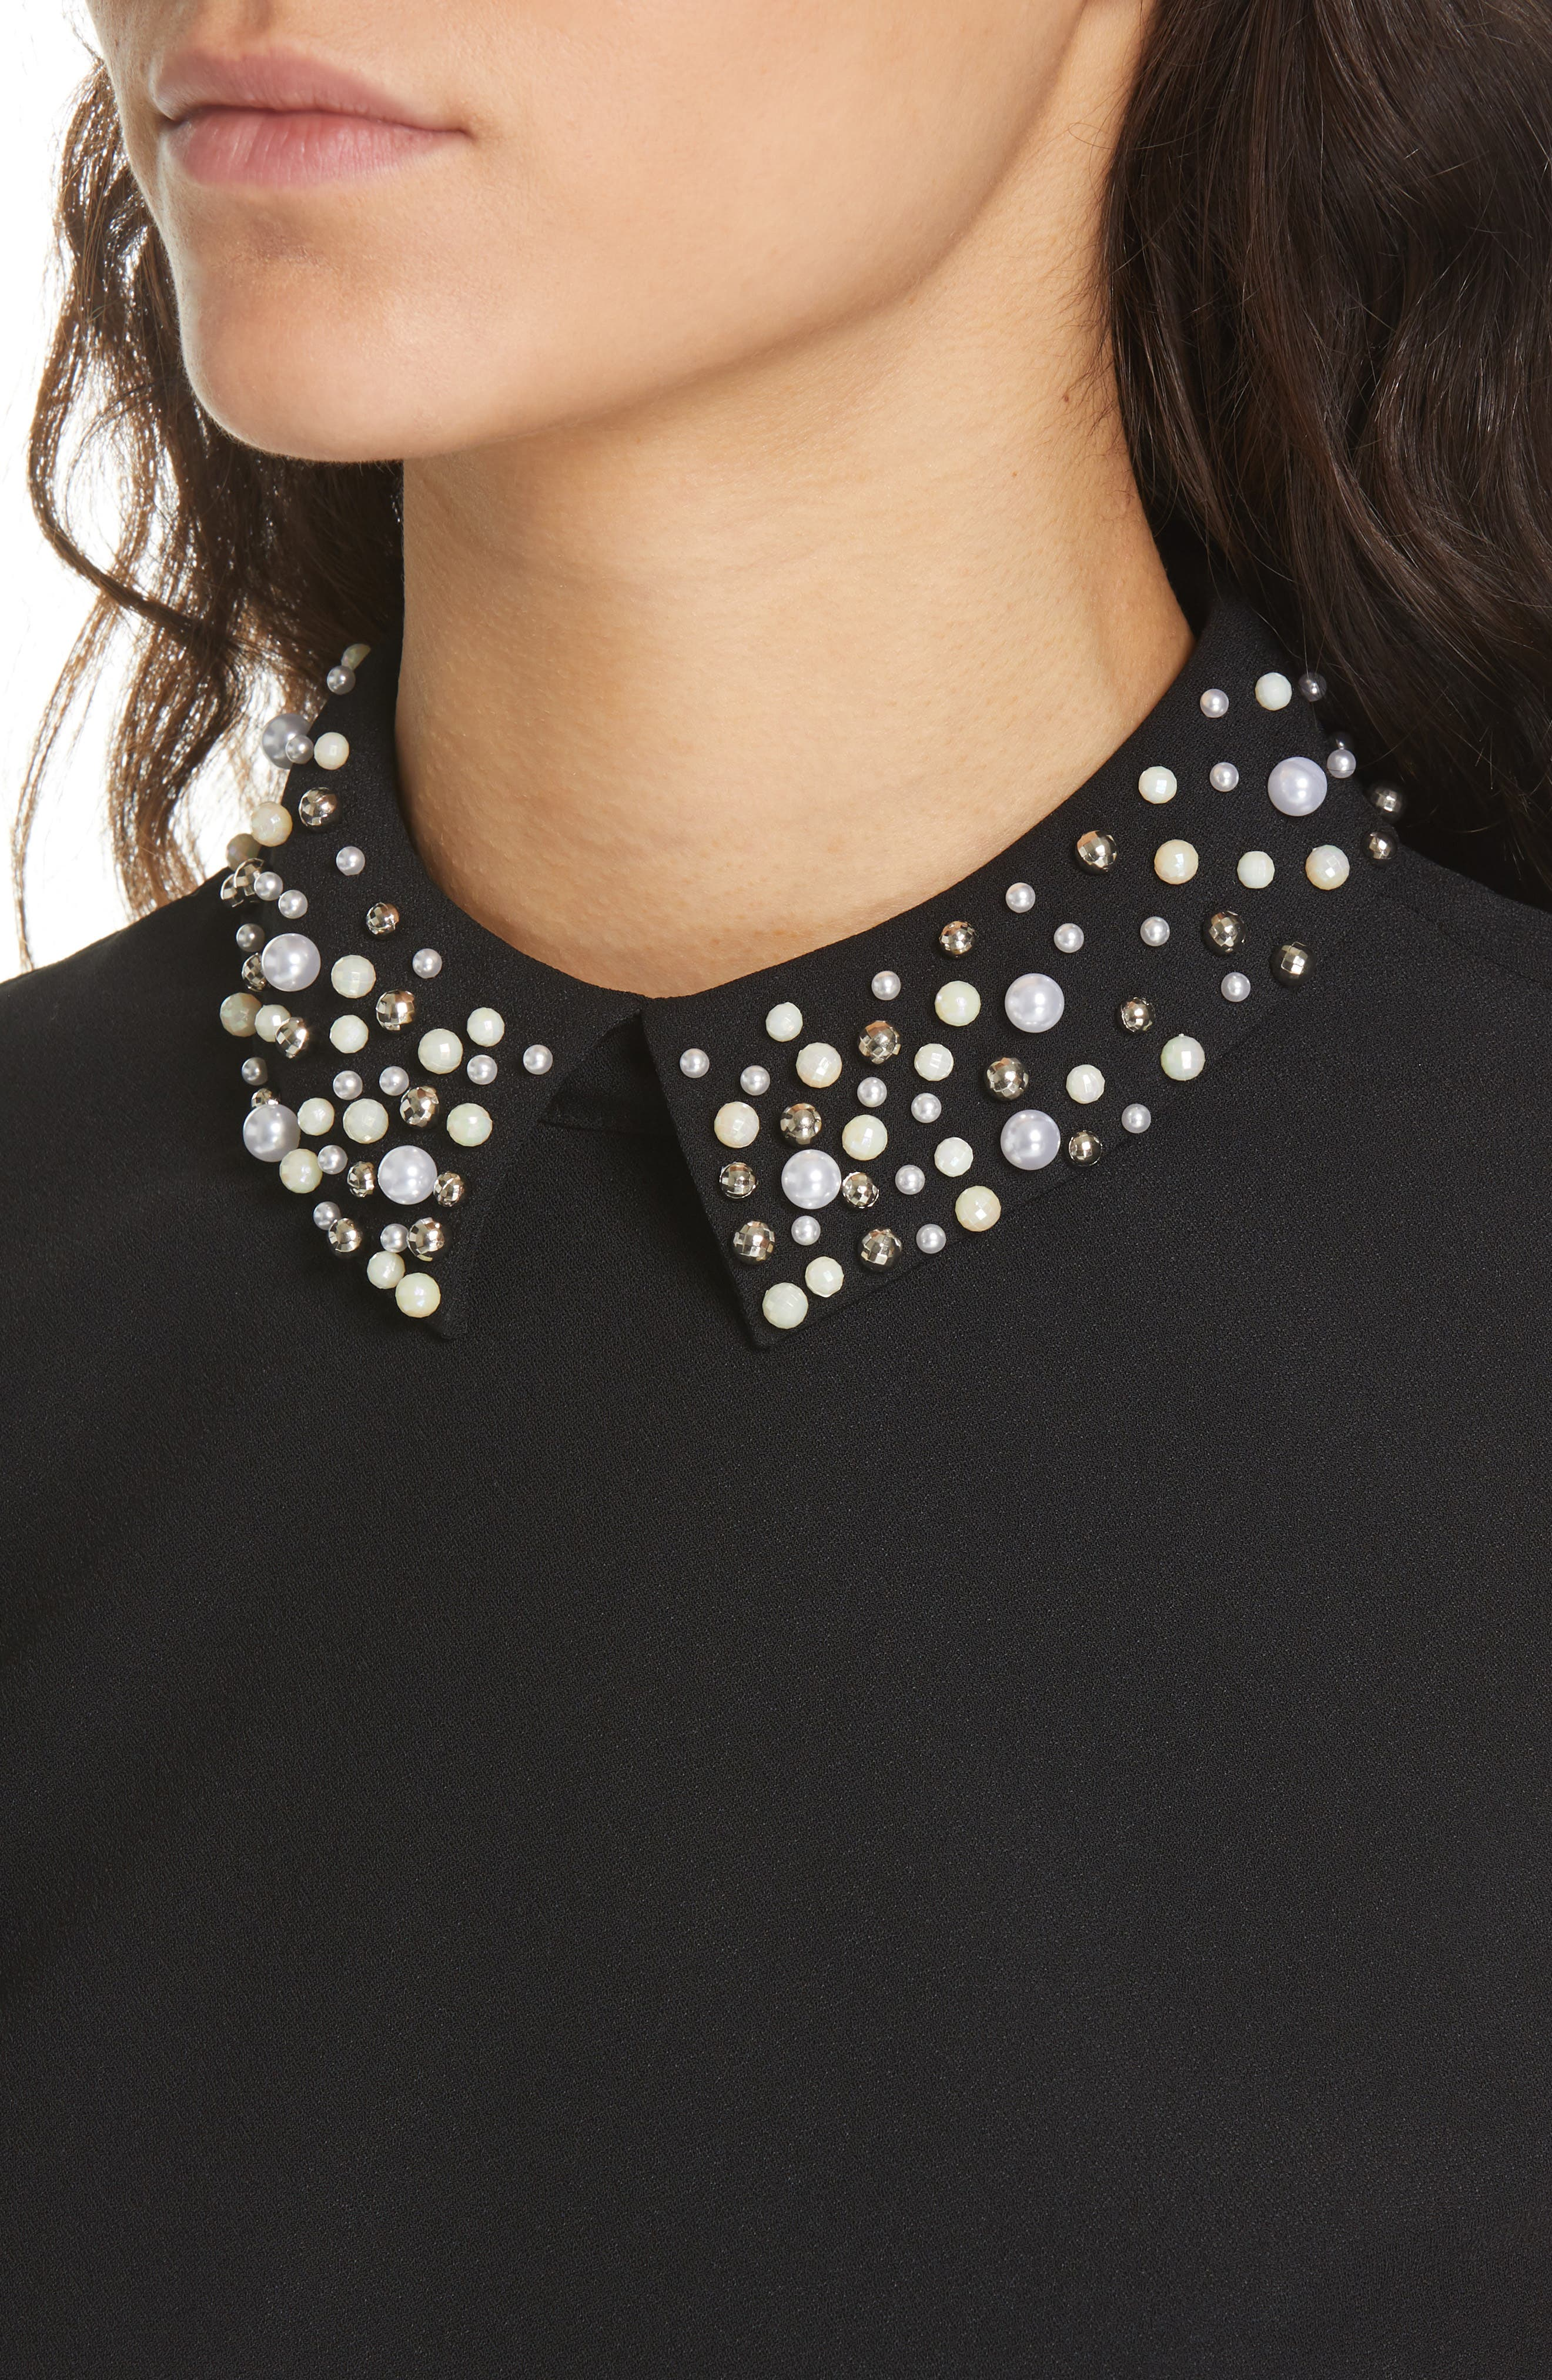 Jaylen Embellished Collar Top,                             Alternate thumbnail 4, color,                             BLACK